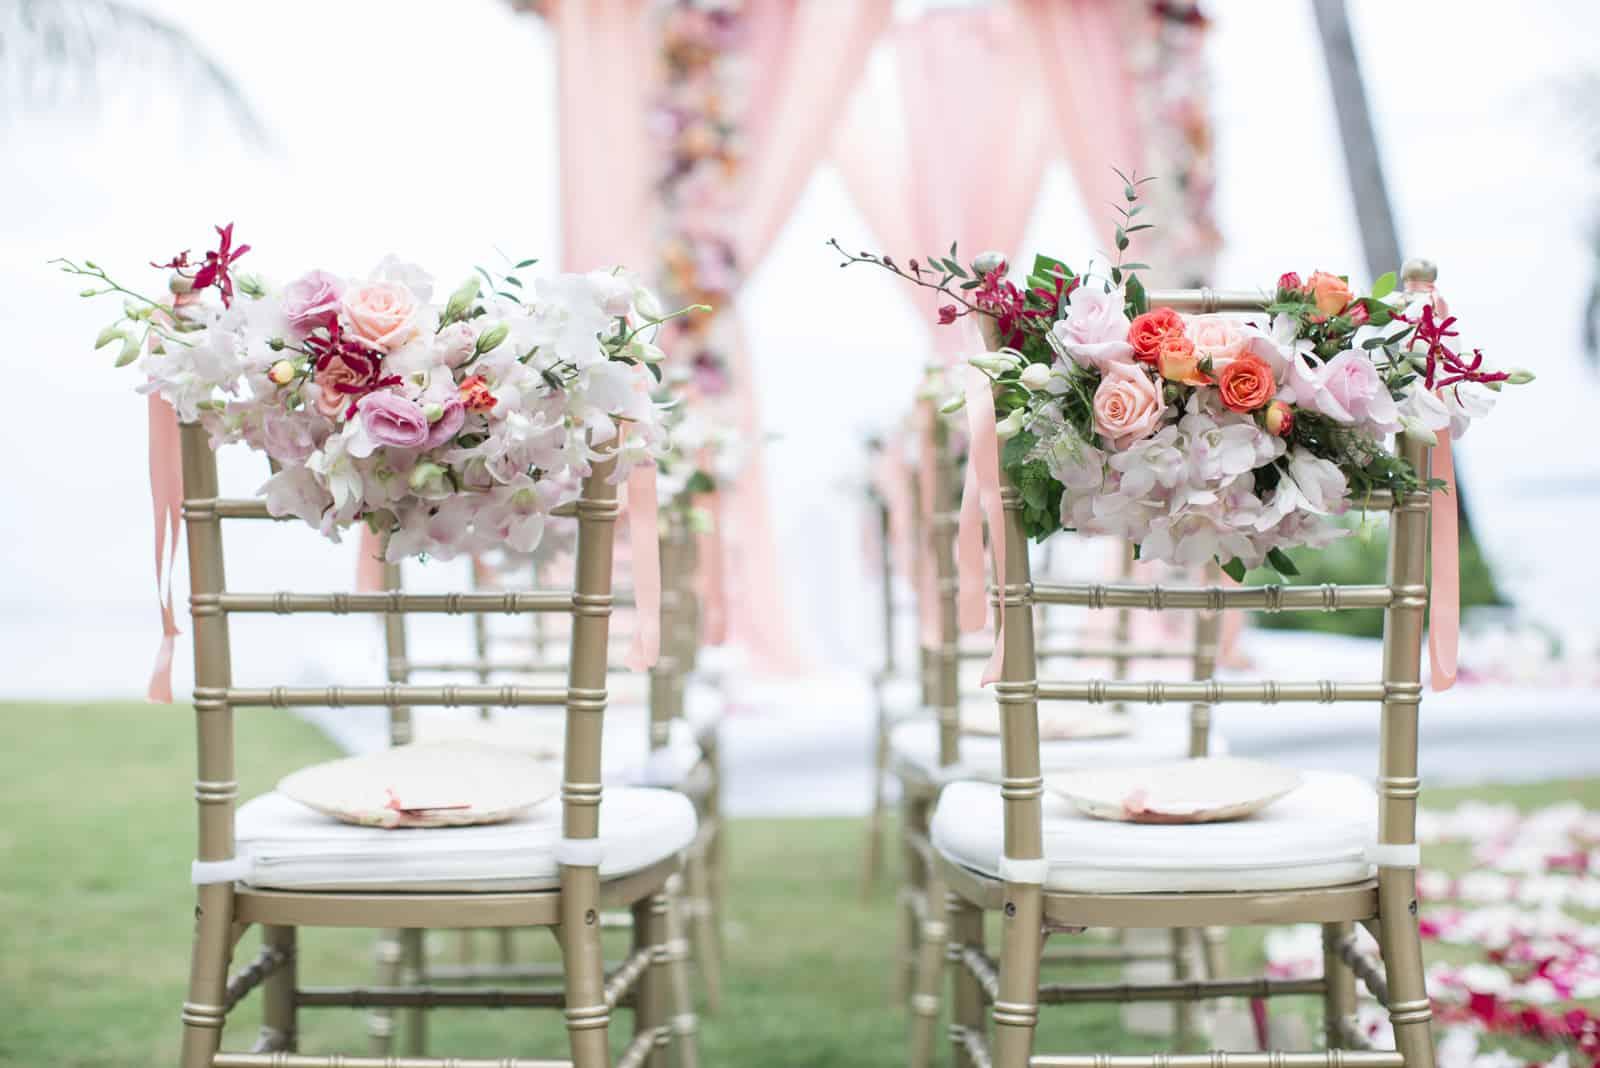 Blumendekoration auf Hochzeitsstühlen